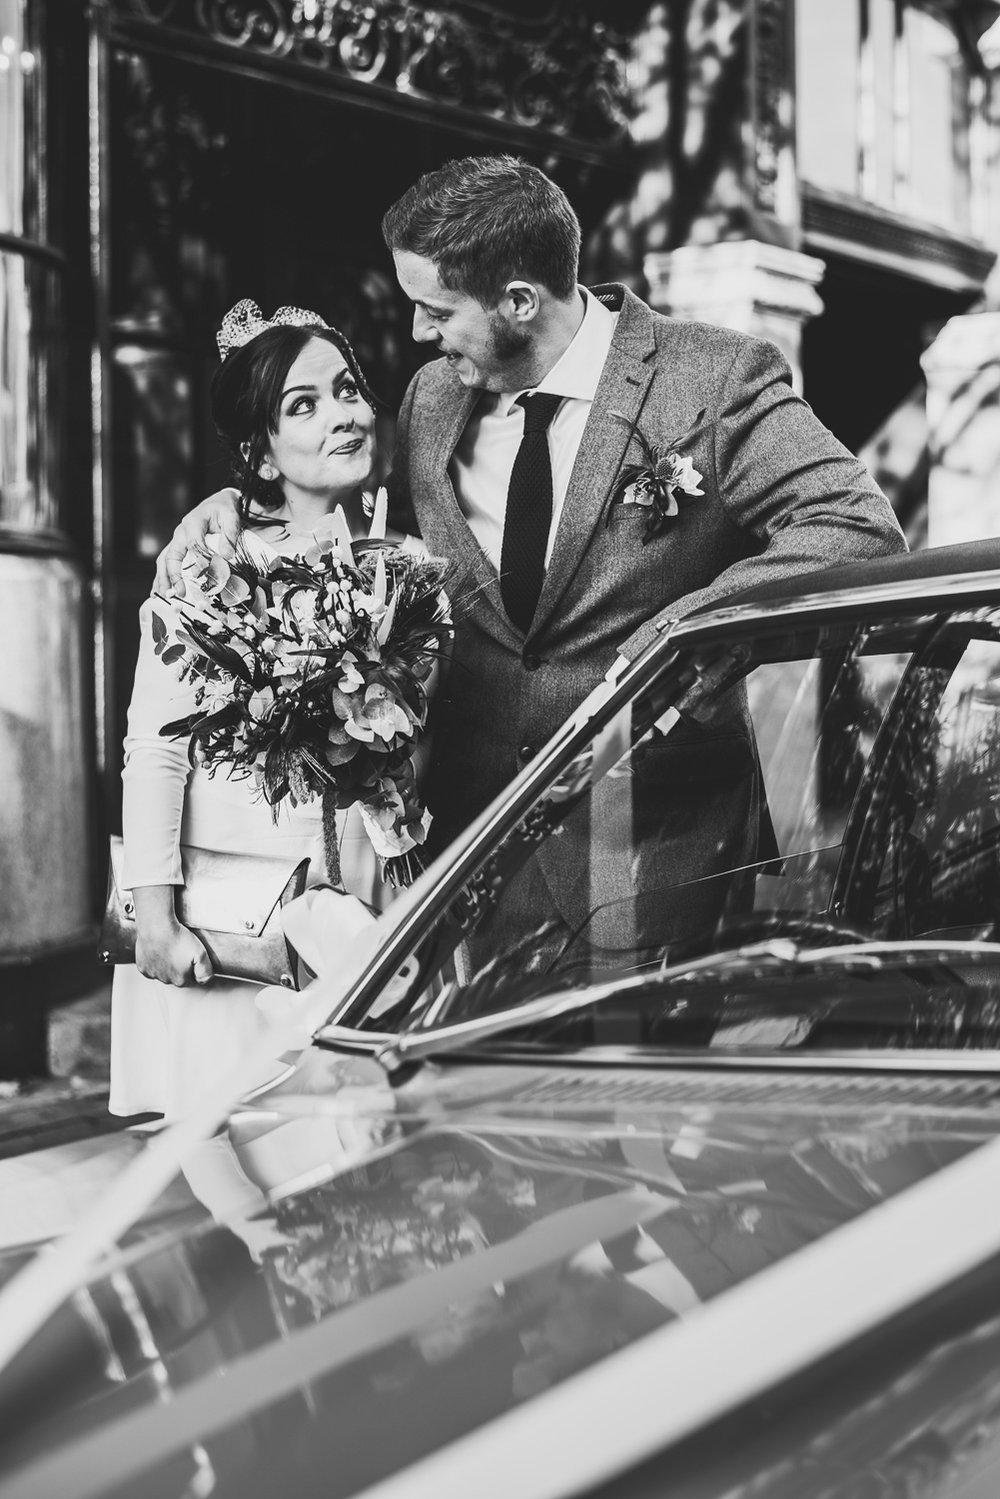 west-london-pub-wedding-31.jpg